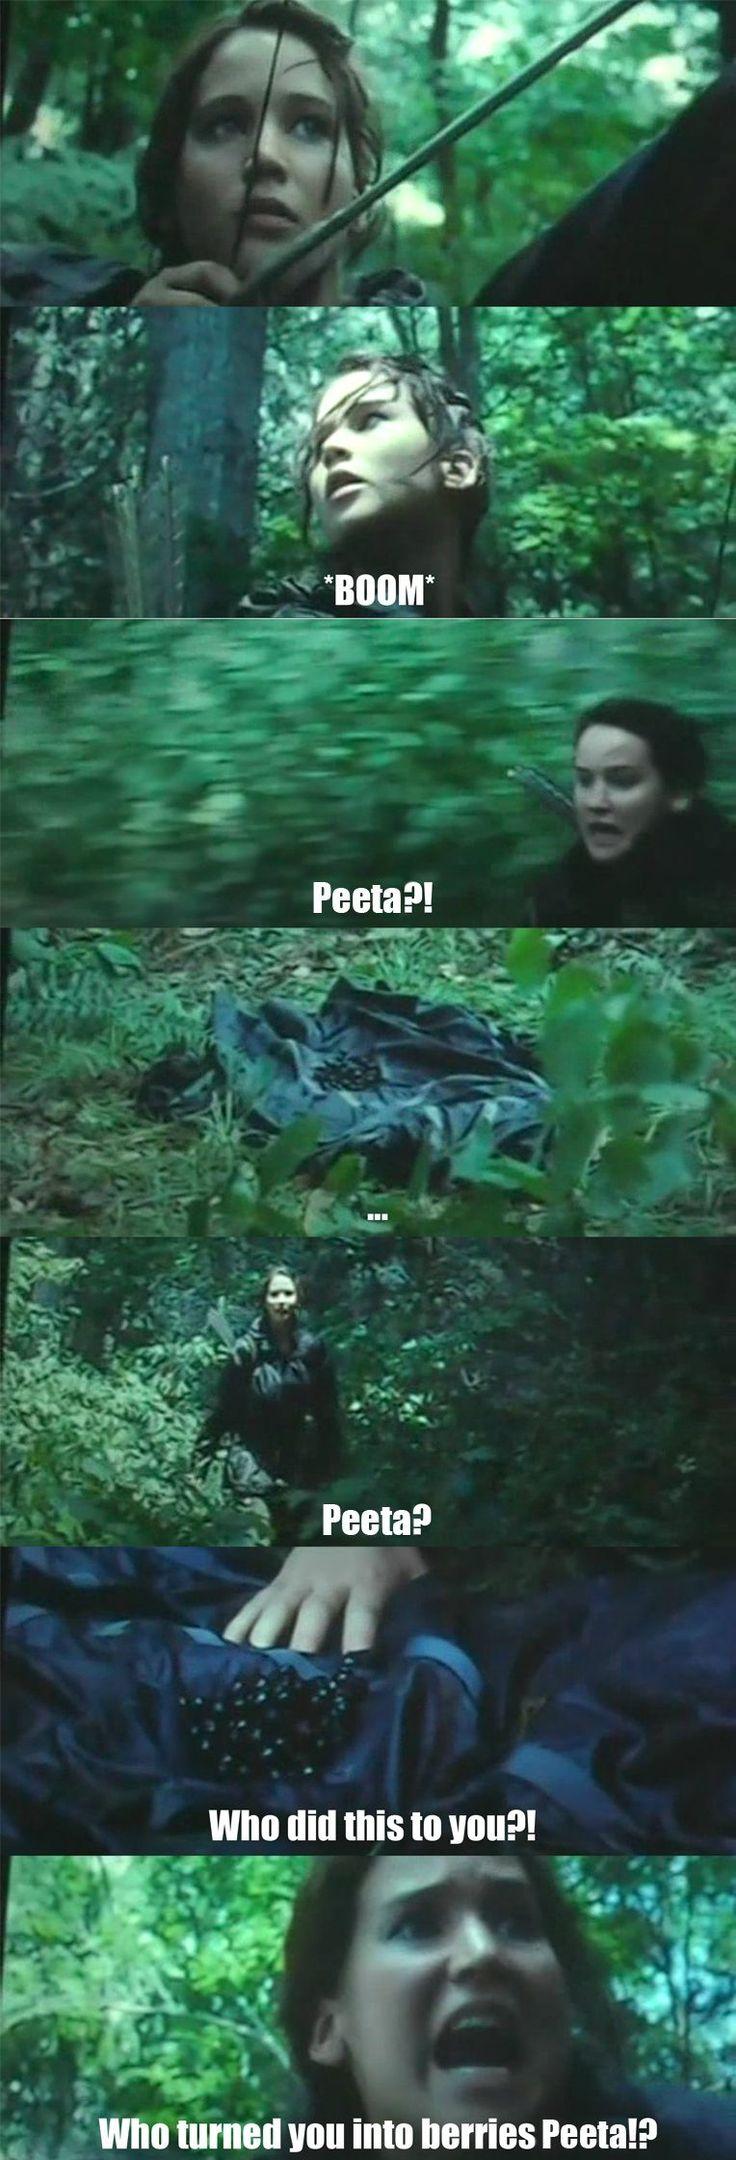 Who turned you into berries Peeta!?